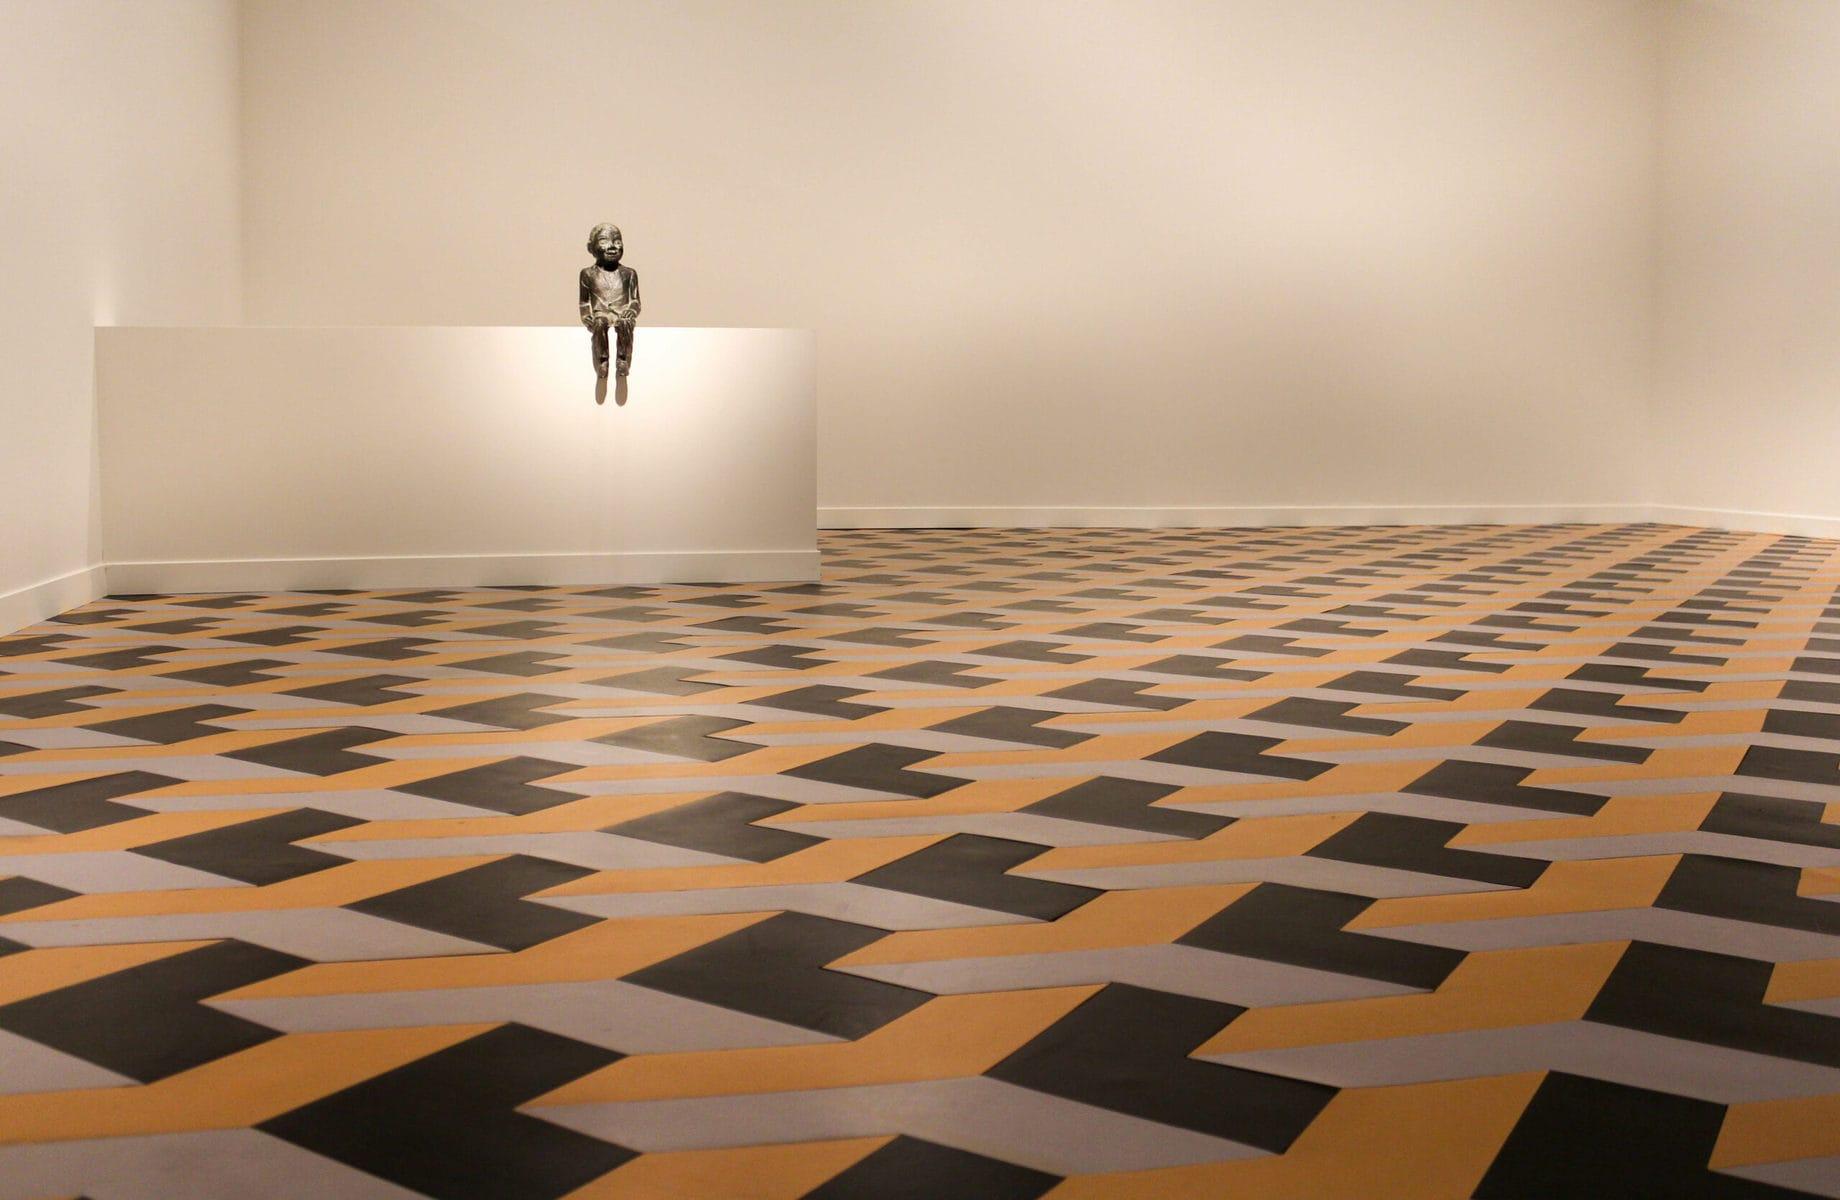 Ausstellung: Das Gewicht einer Geste. Werke aus den Sammlungen der Caixa, MACBA und Glubenkian, Barcelona